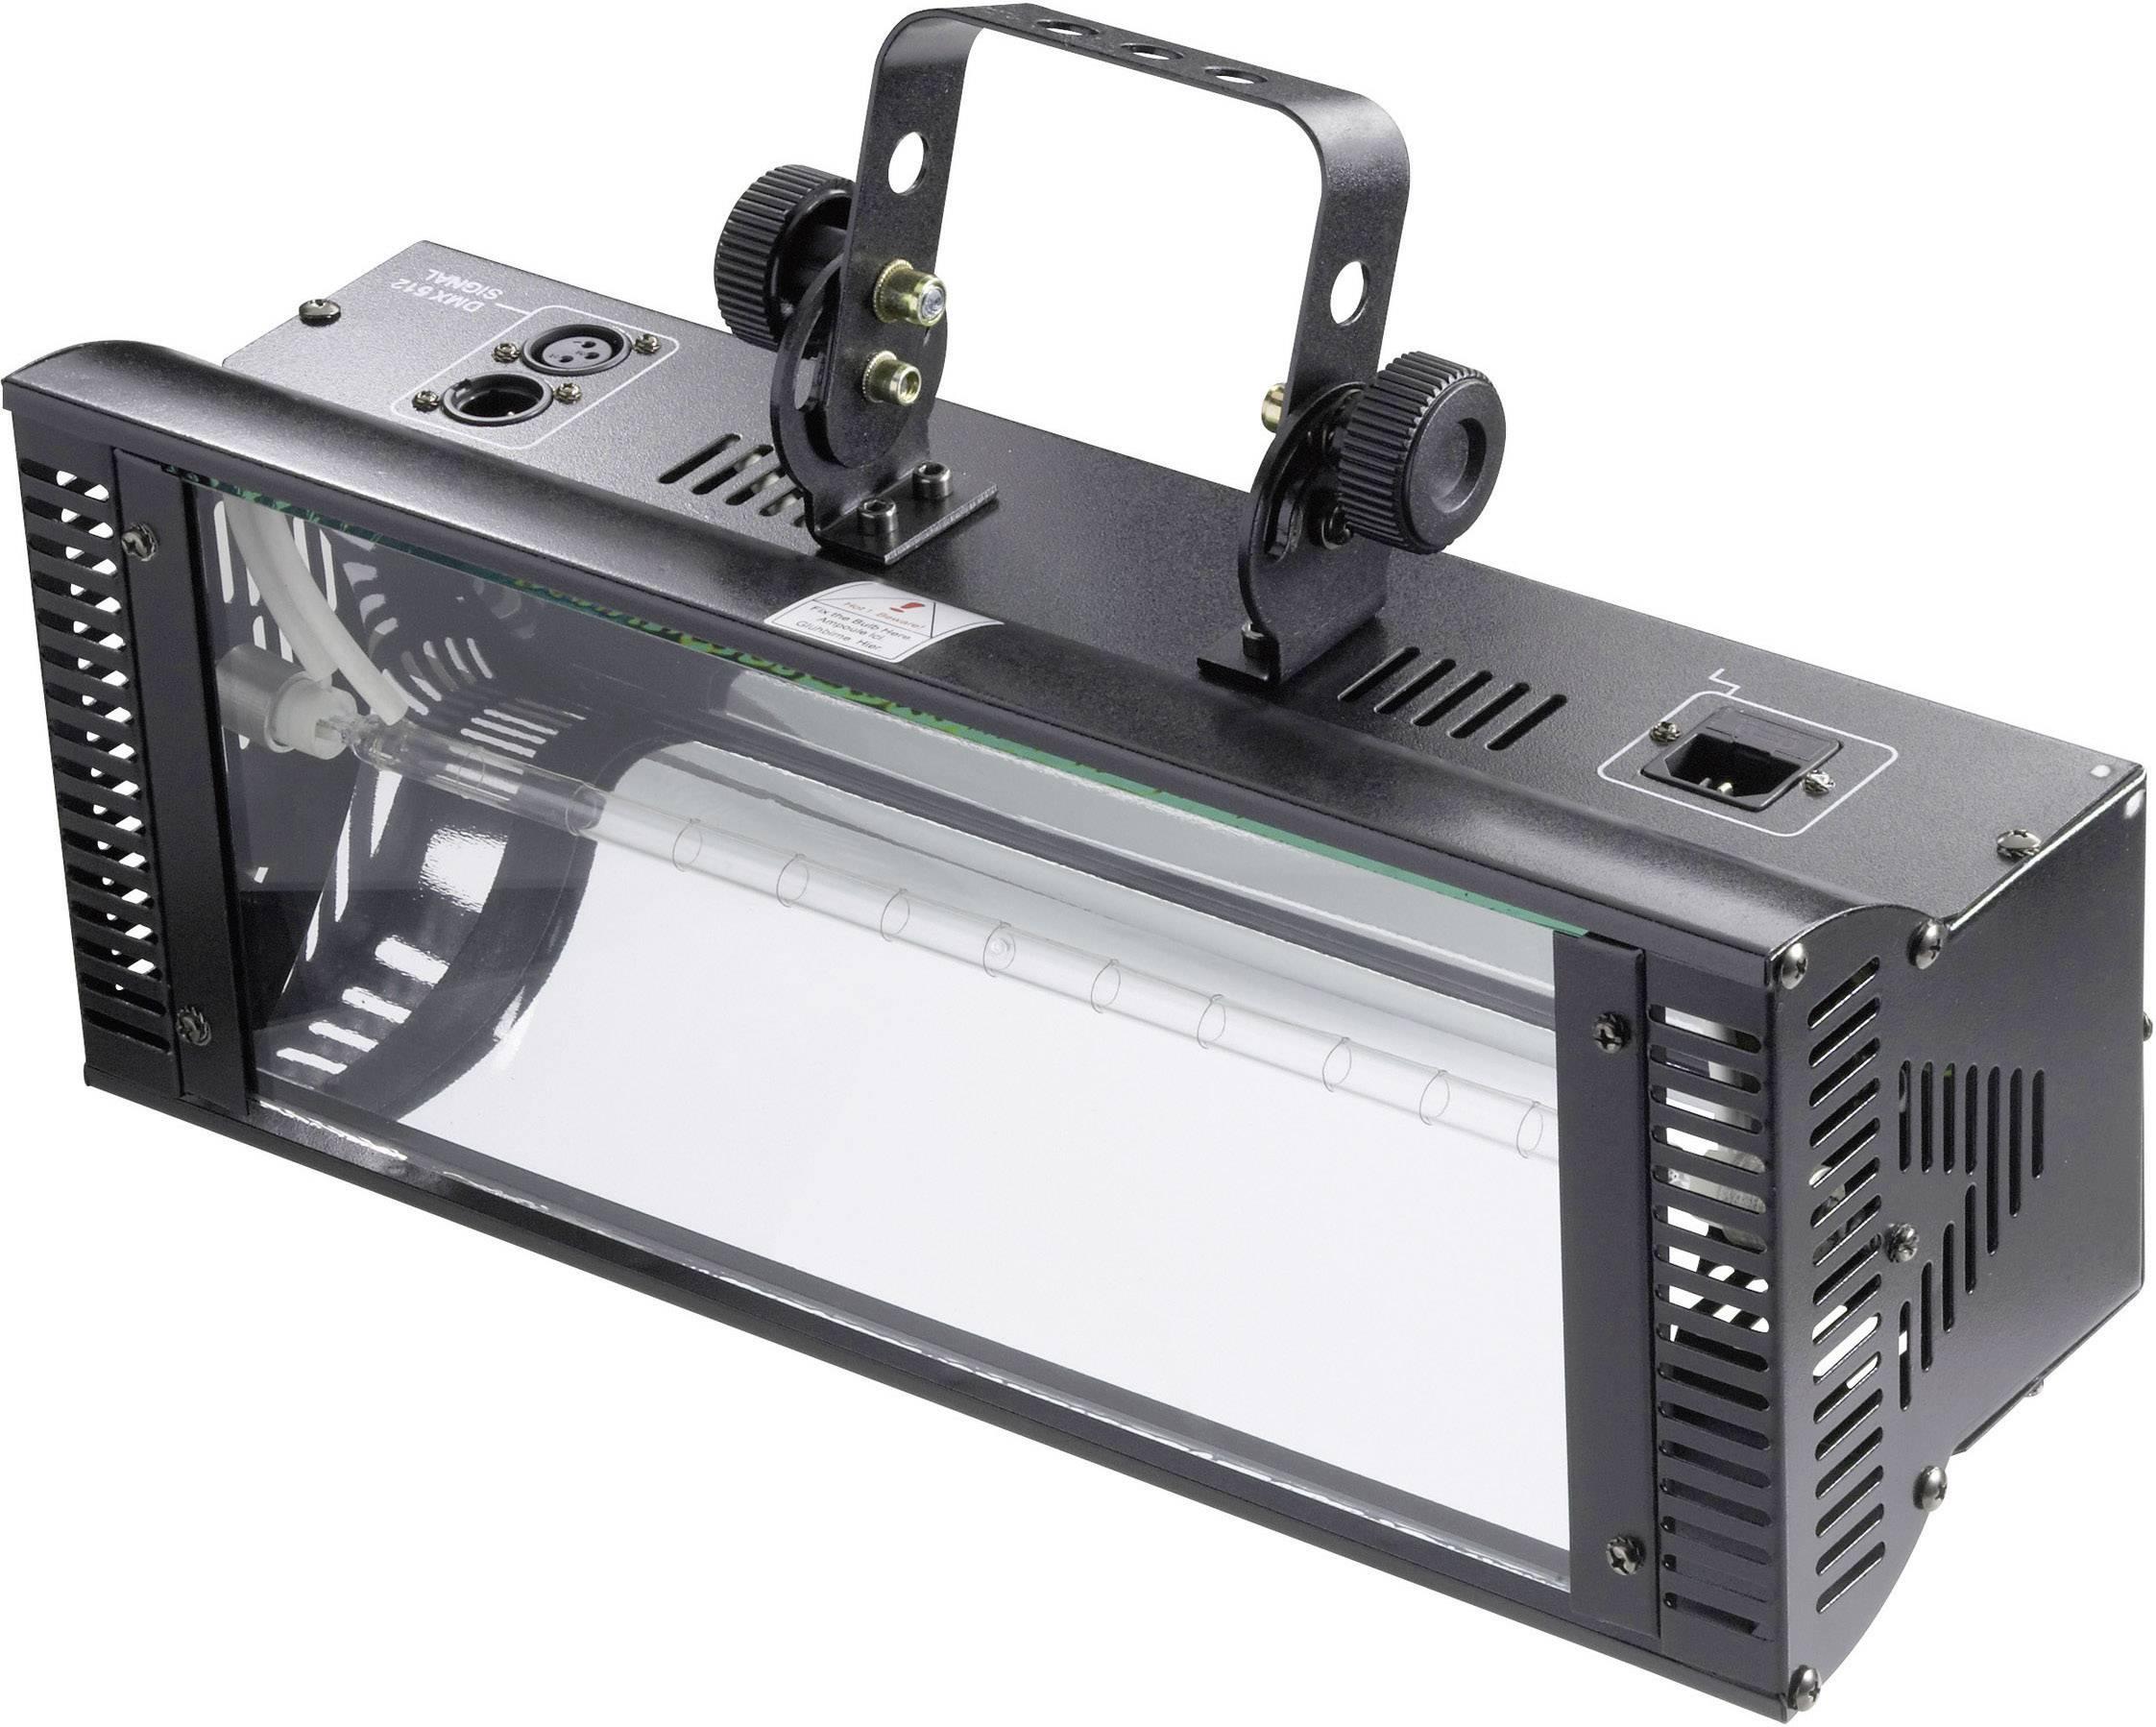 Stroboskop Eurolite Superstrobe 2700 DMX